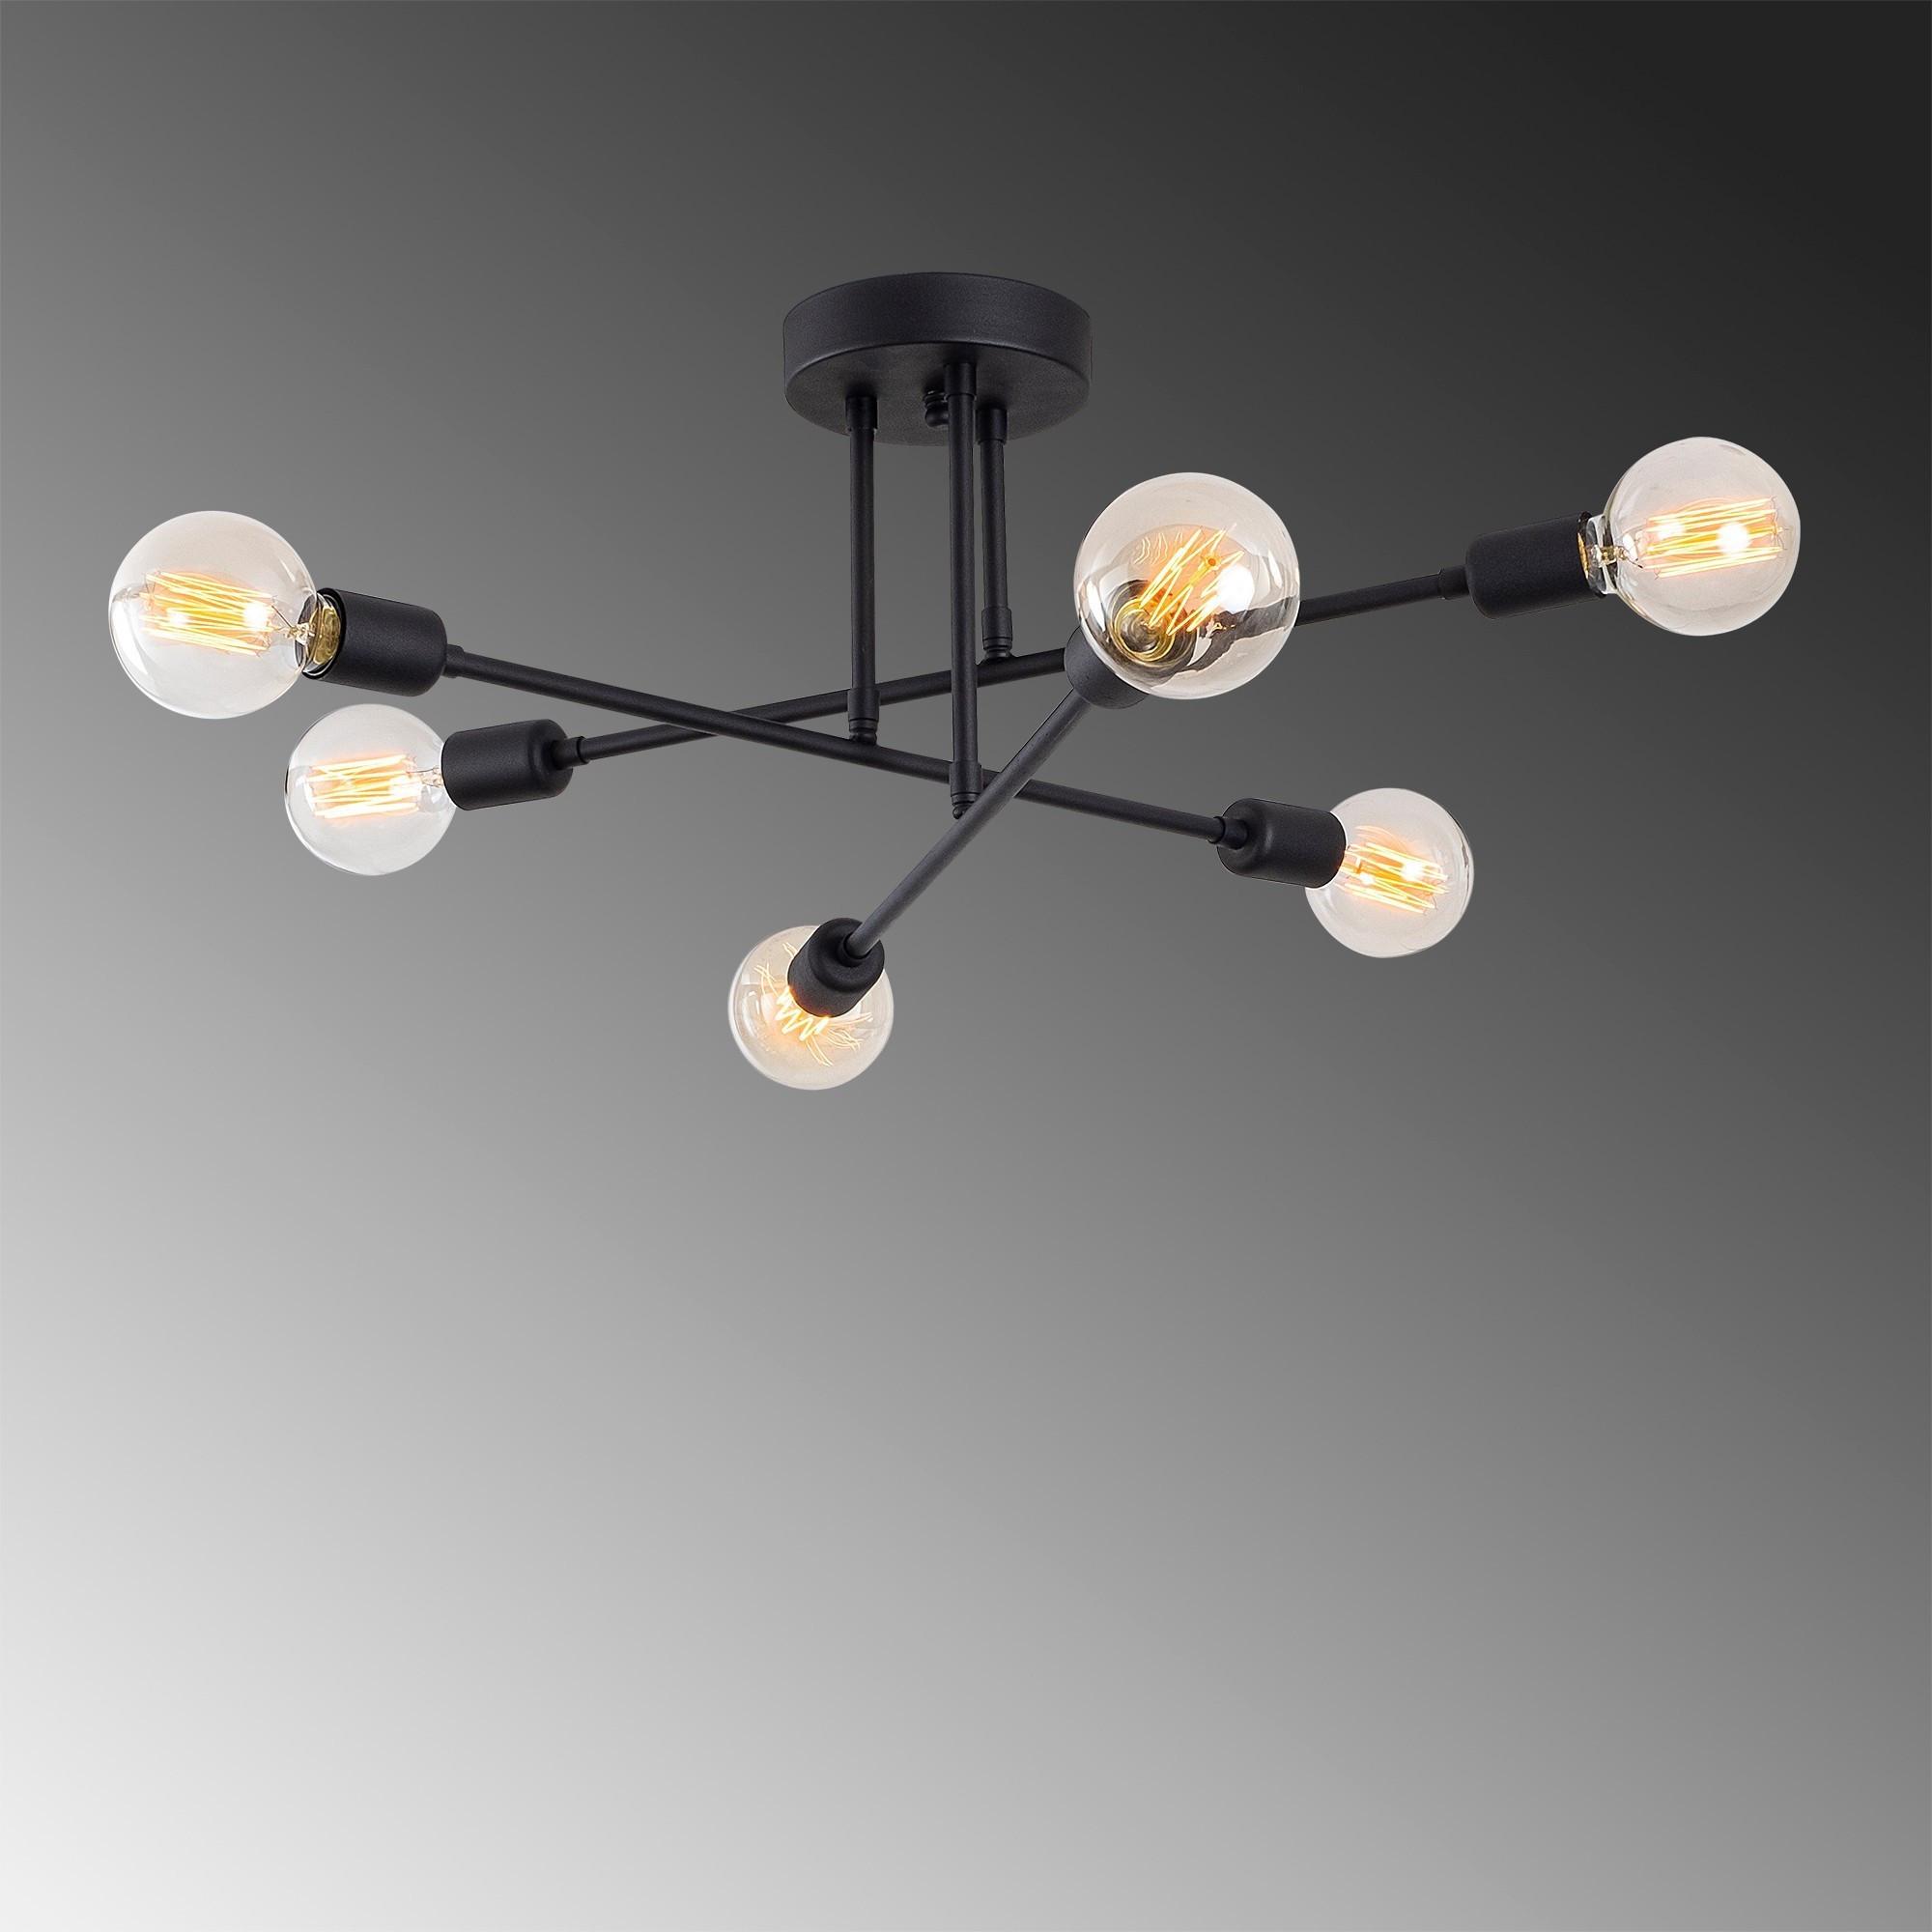 Deckenlampe Blume 174-AV   Schwarz